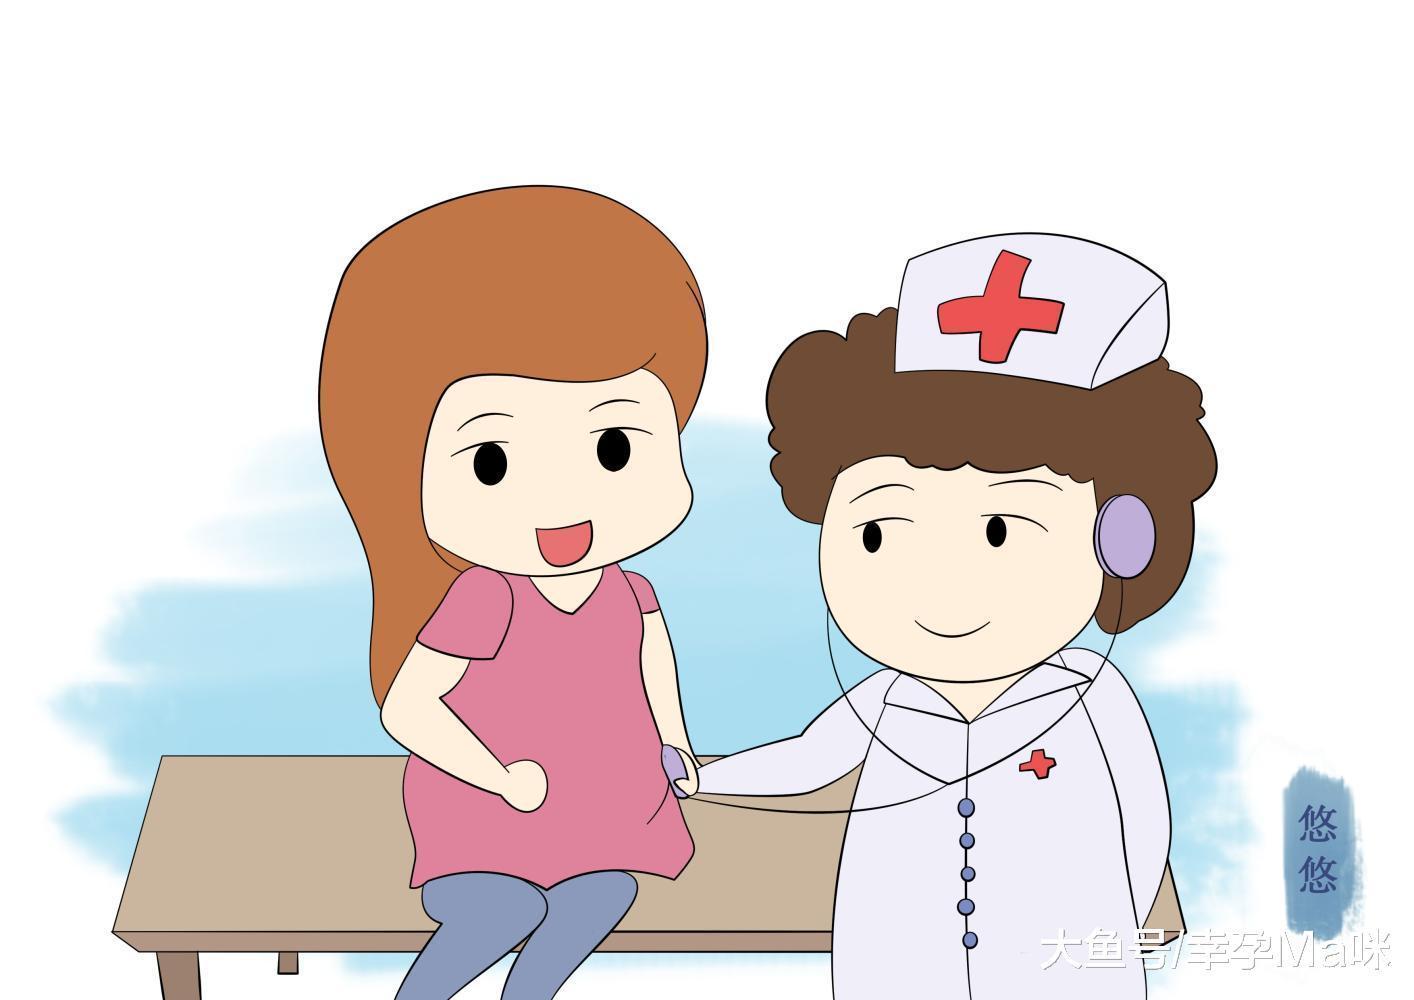 第一次去产检, 需要早知道的4件事, 孕妈记心里